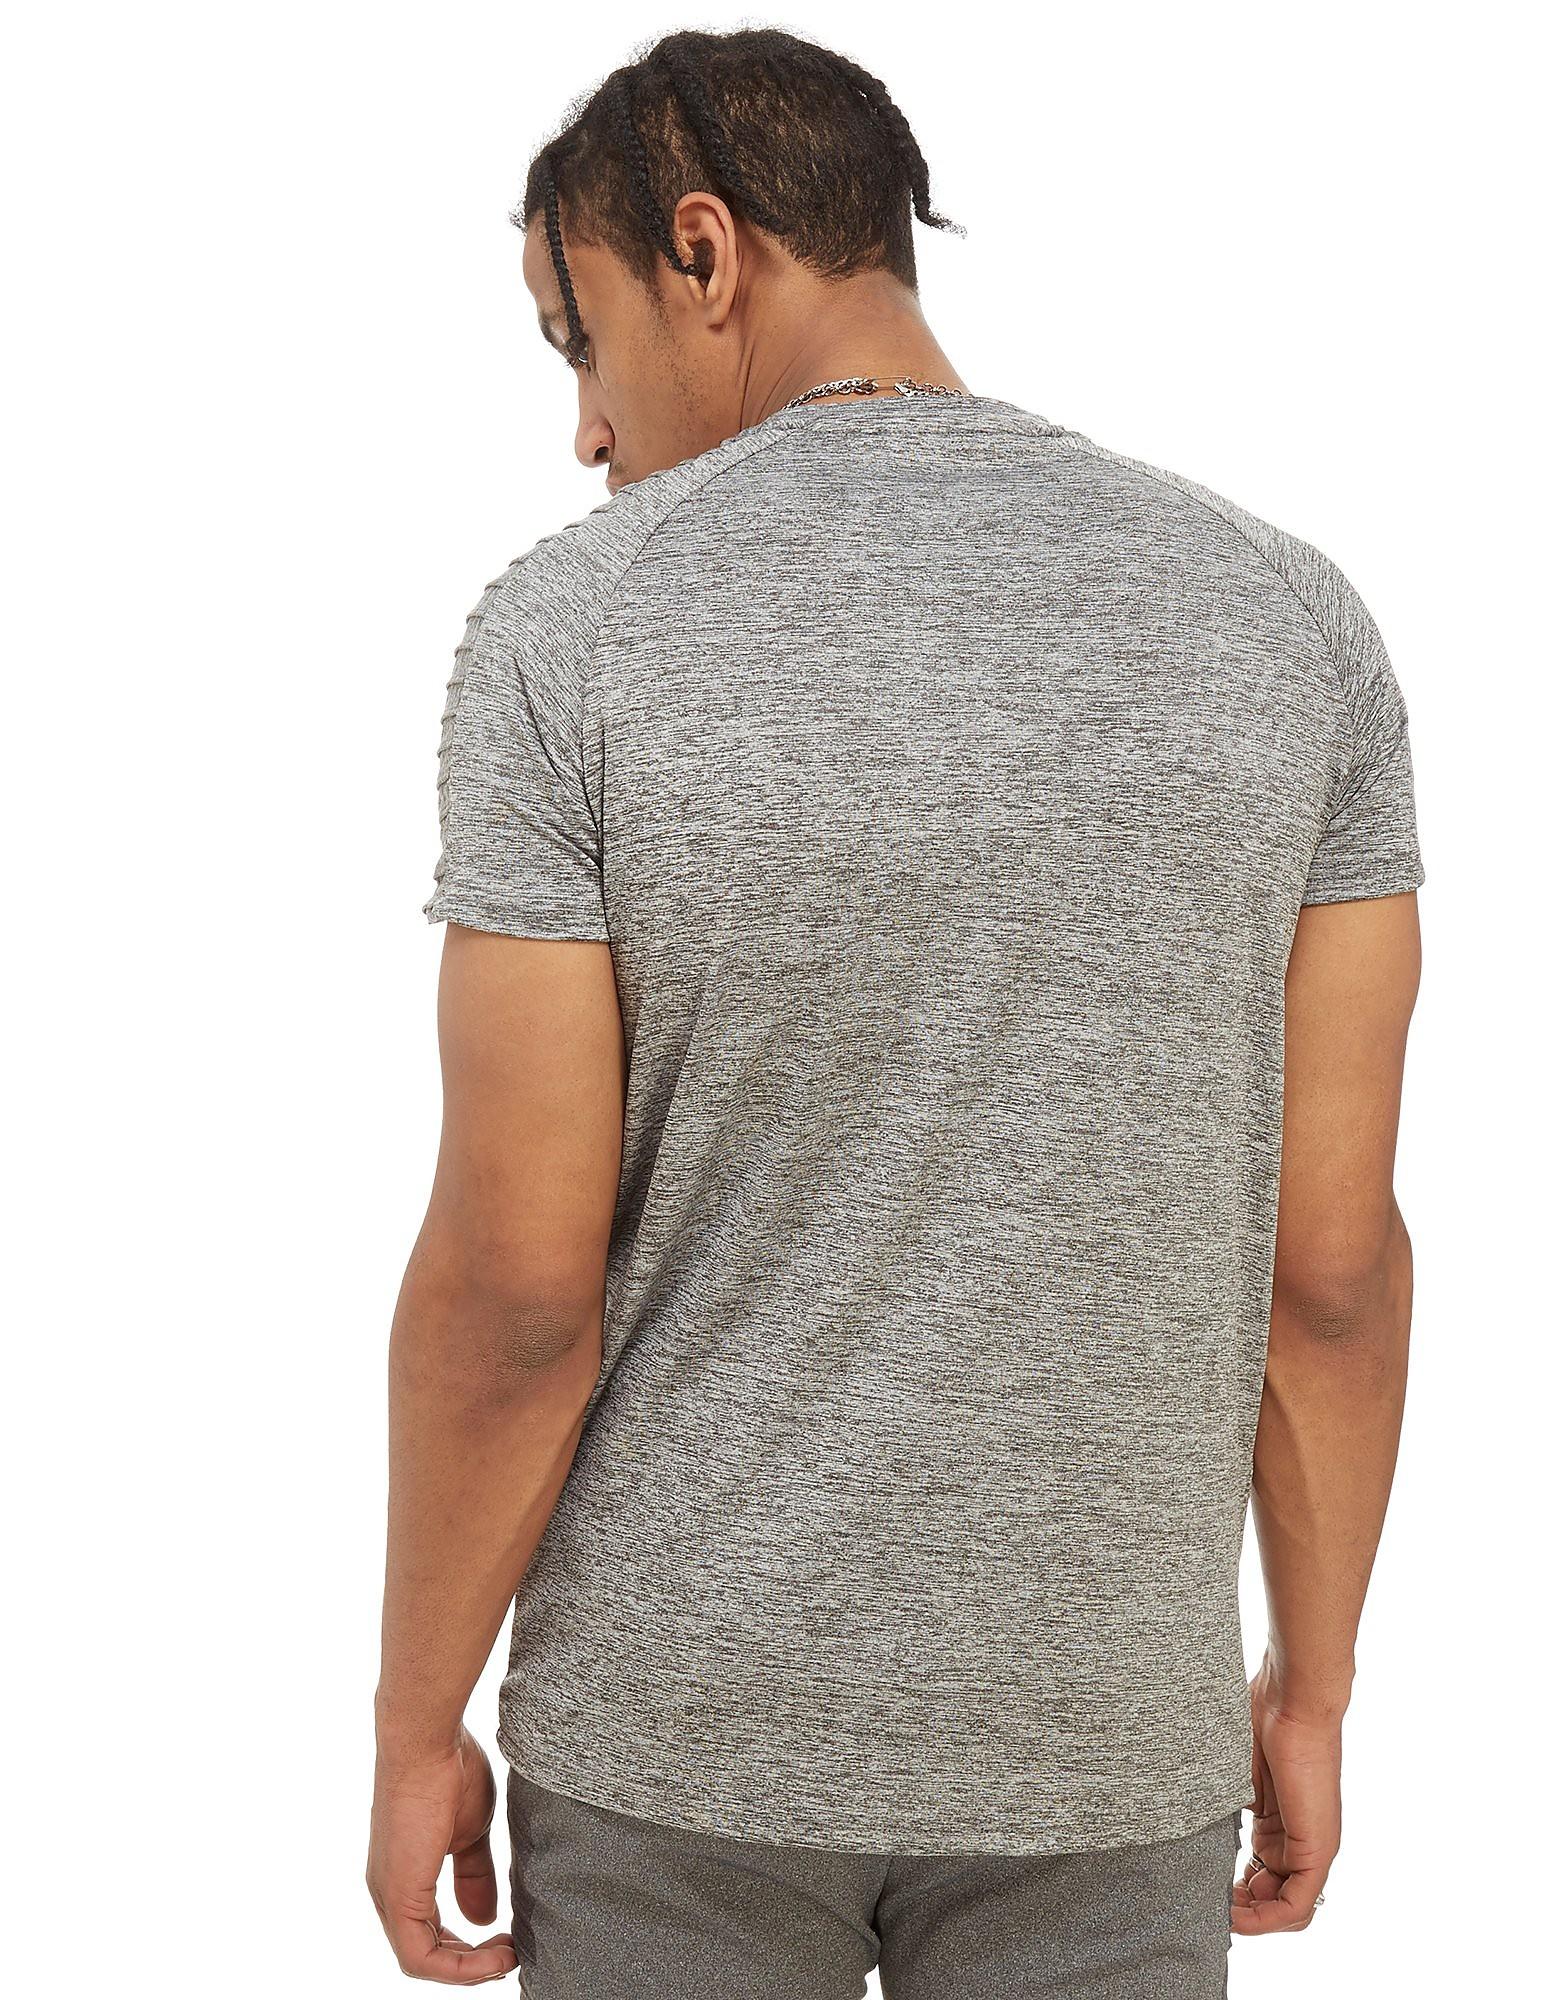 Align Sonic T-Shirt